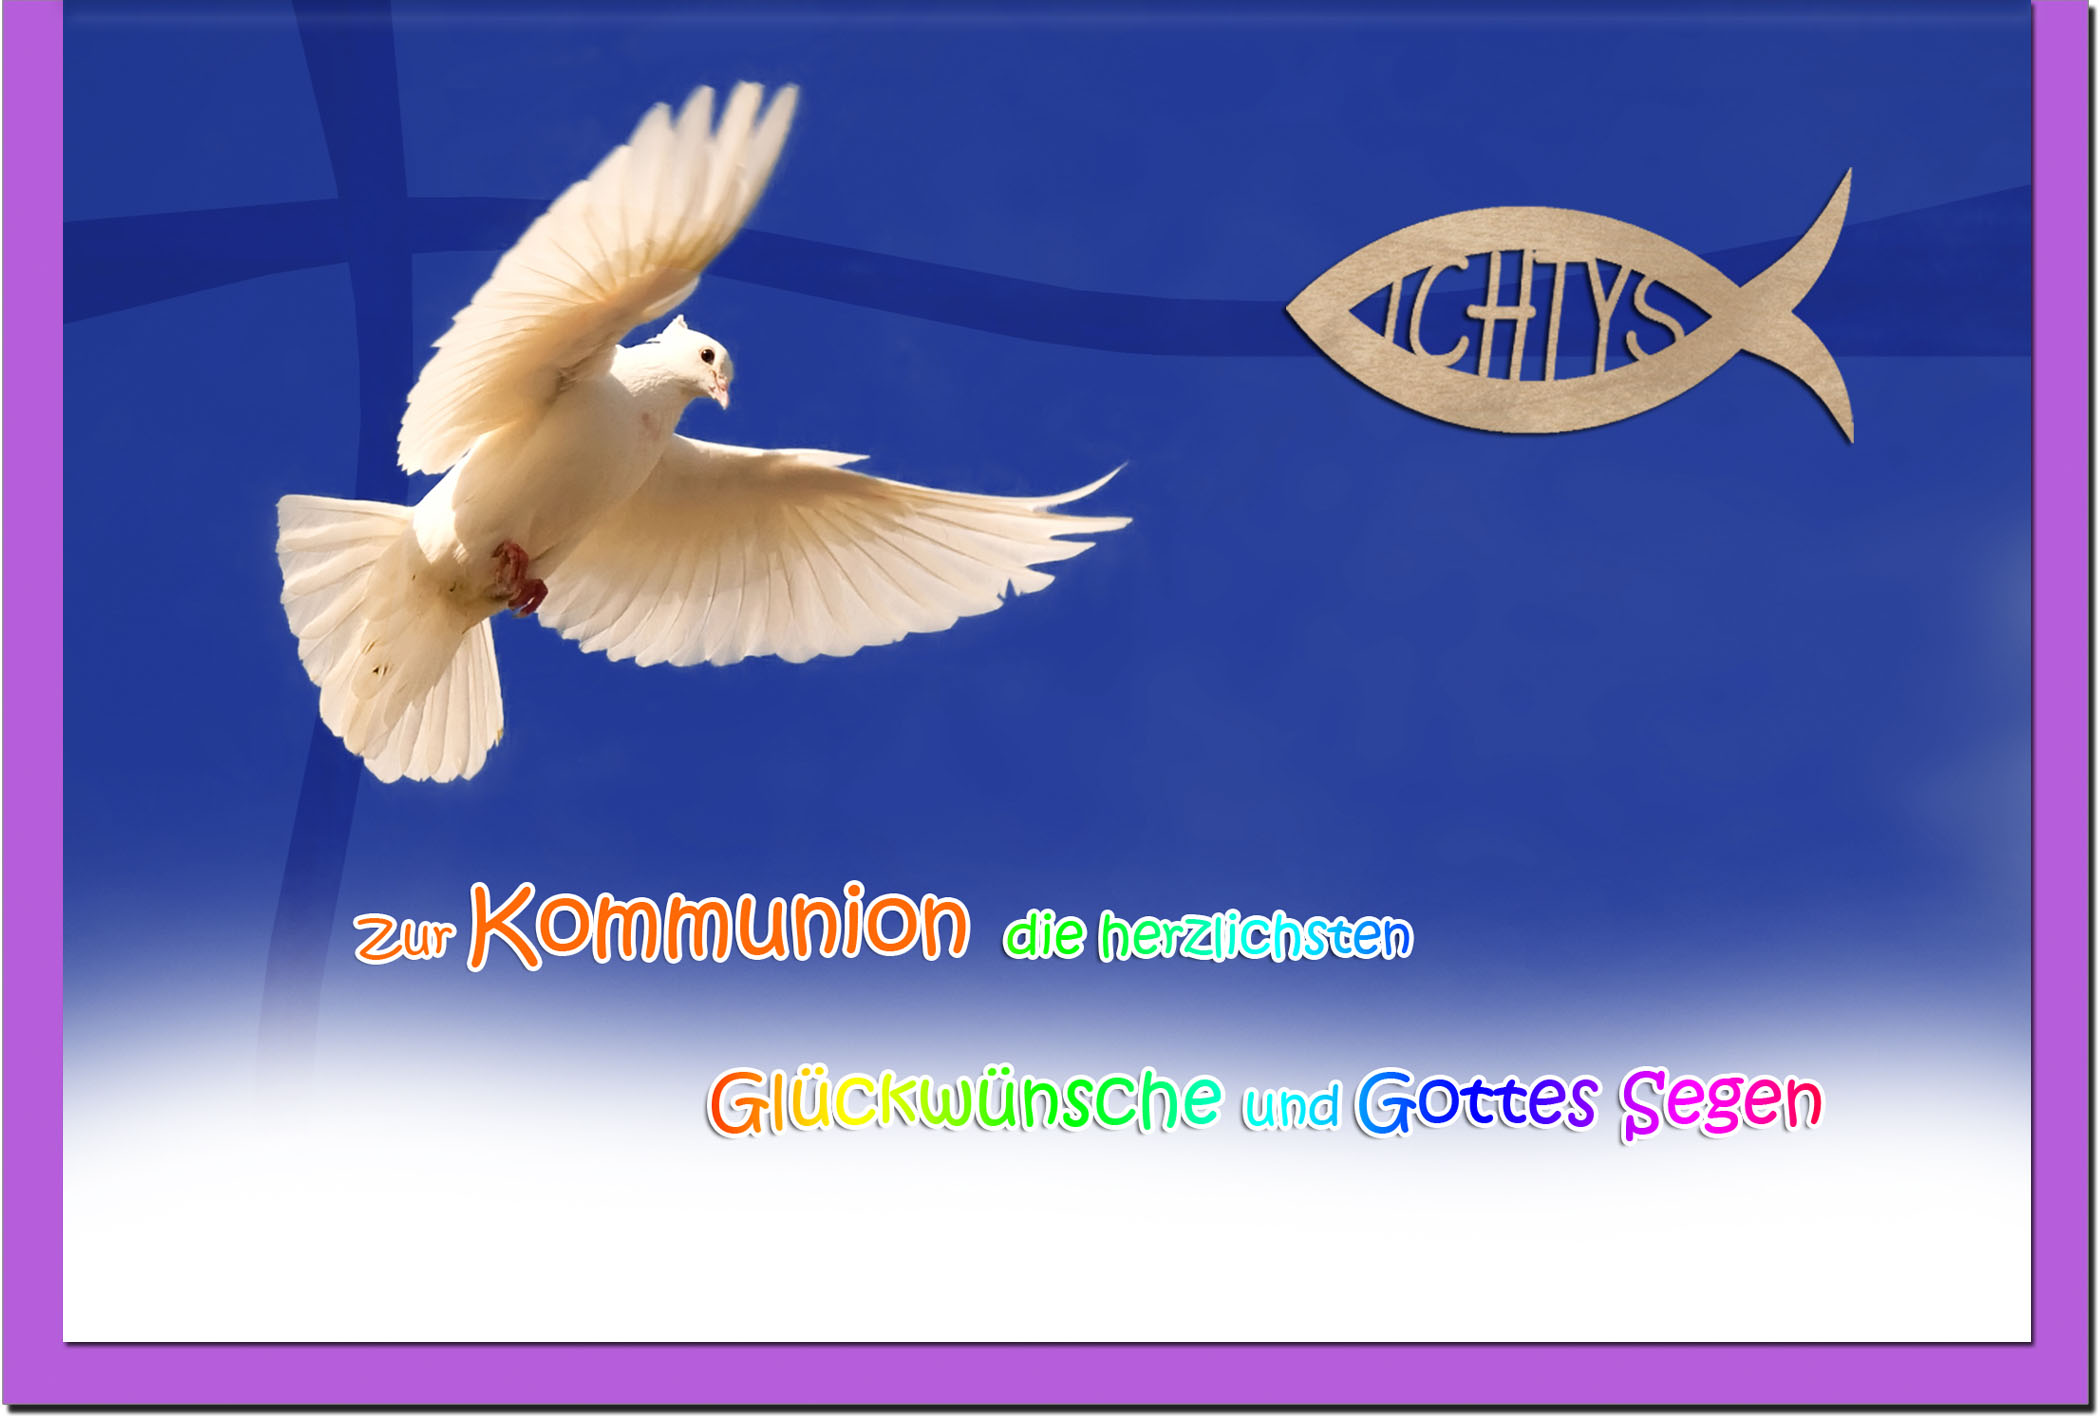 Kommunionskarten / Grußkarten / Glückwunschkarten /Kommunion Möwe